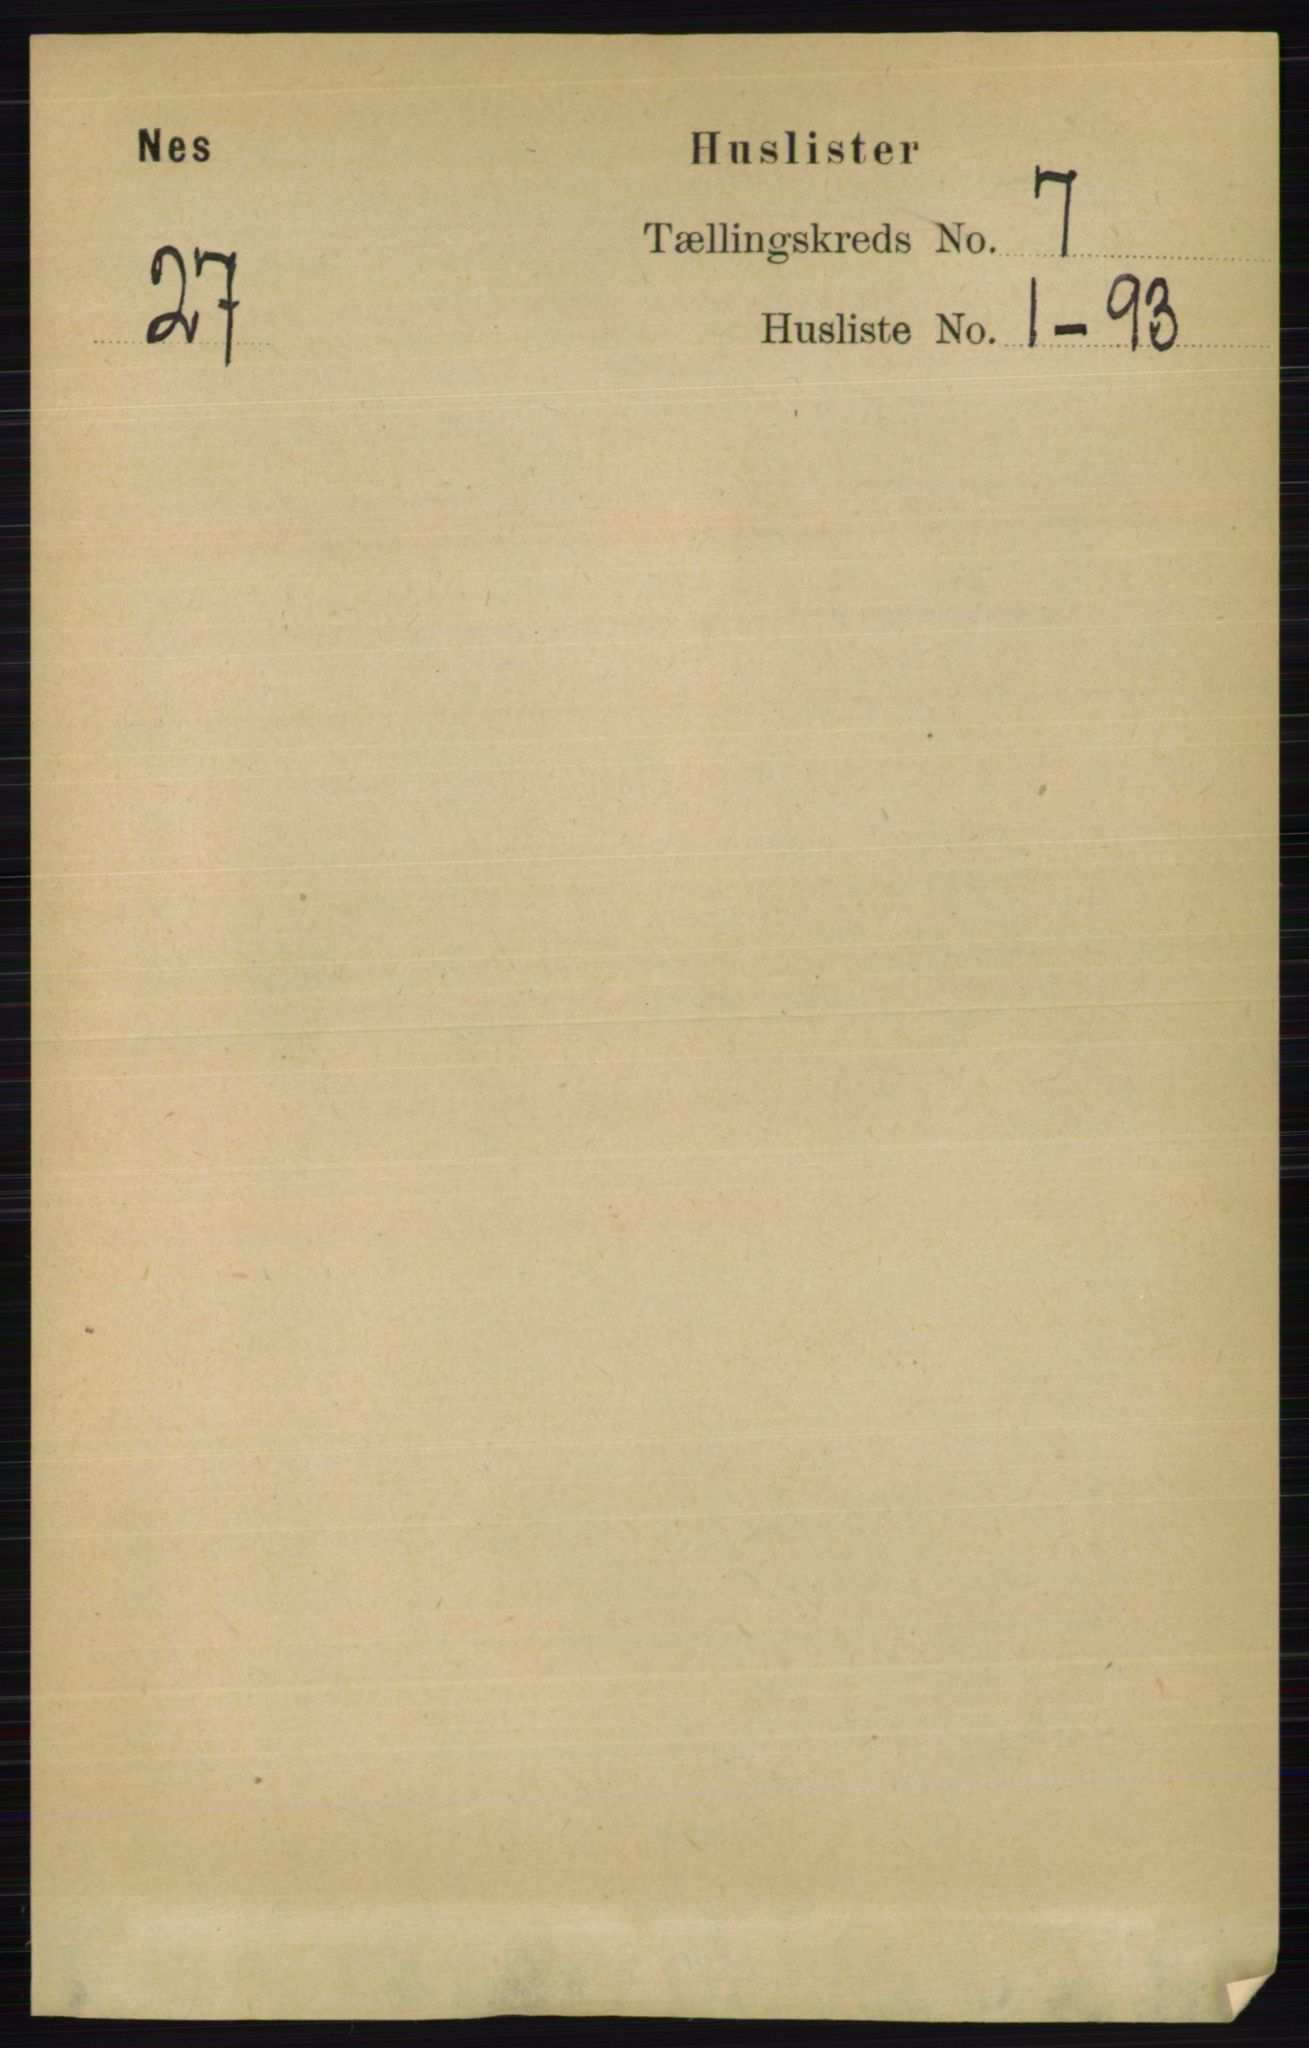 RA, Folketelling 1891 for 0411 Nes herred, 1891, s. 3828